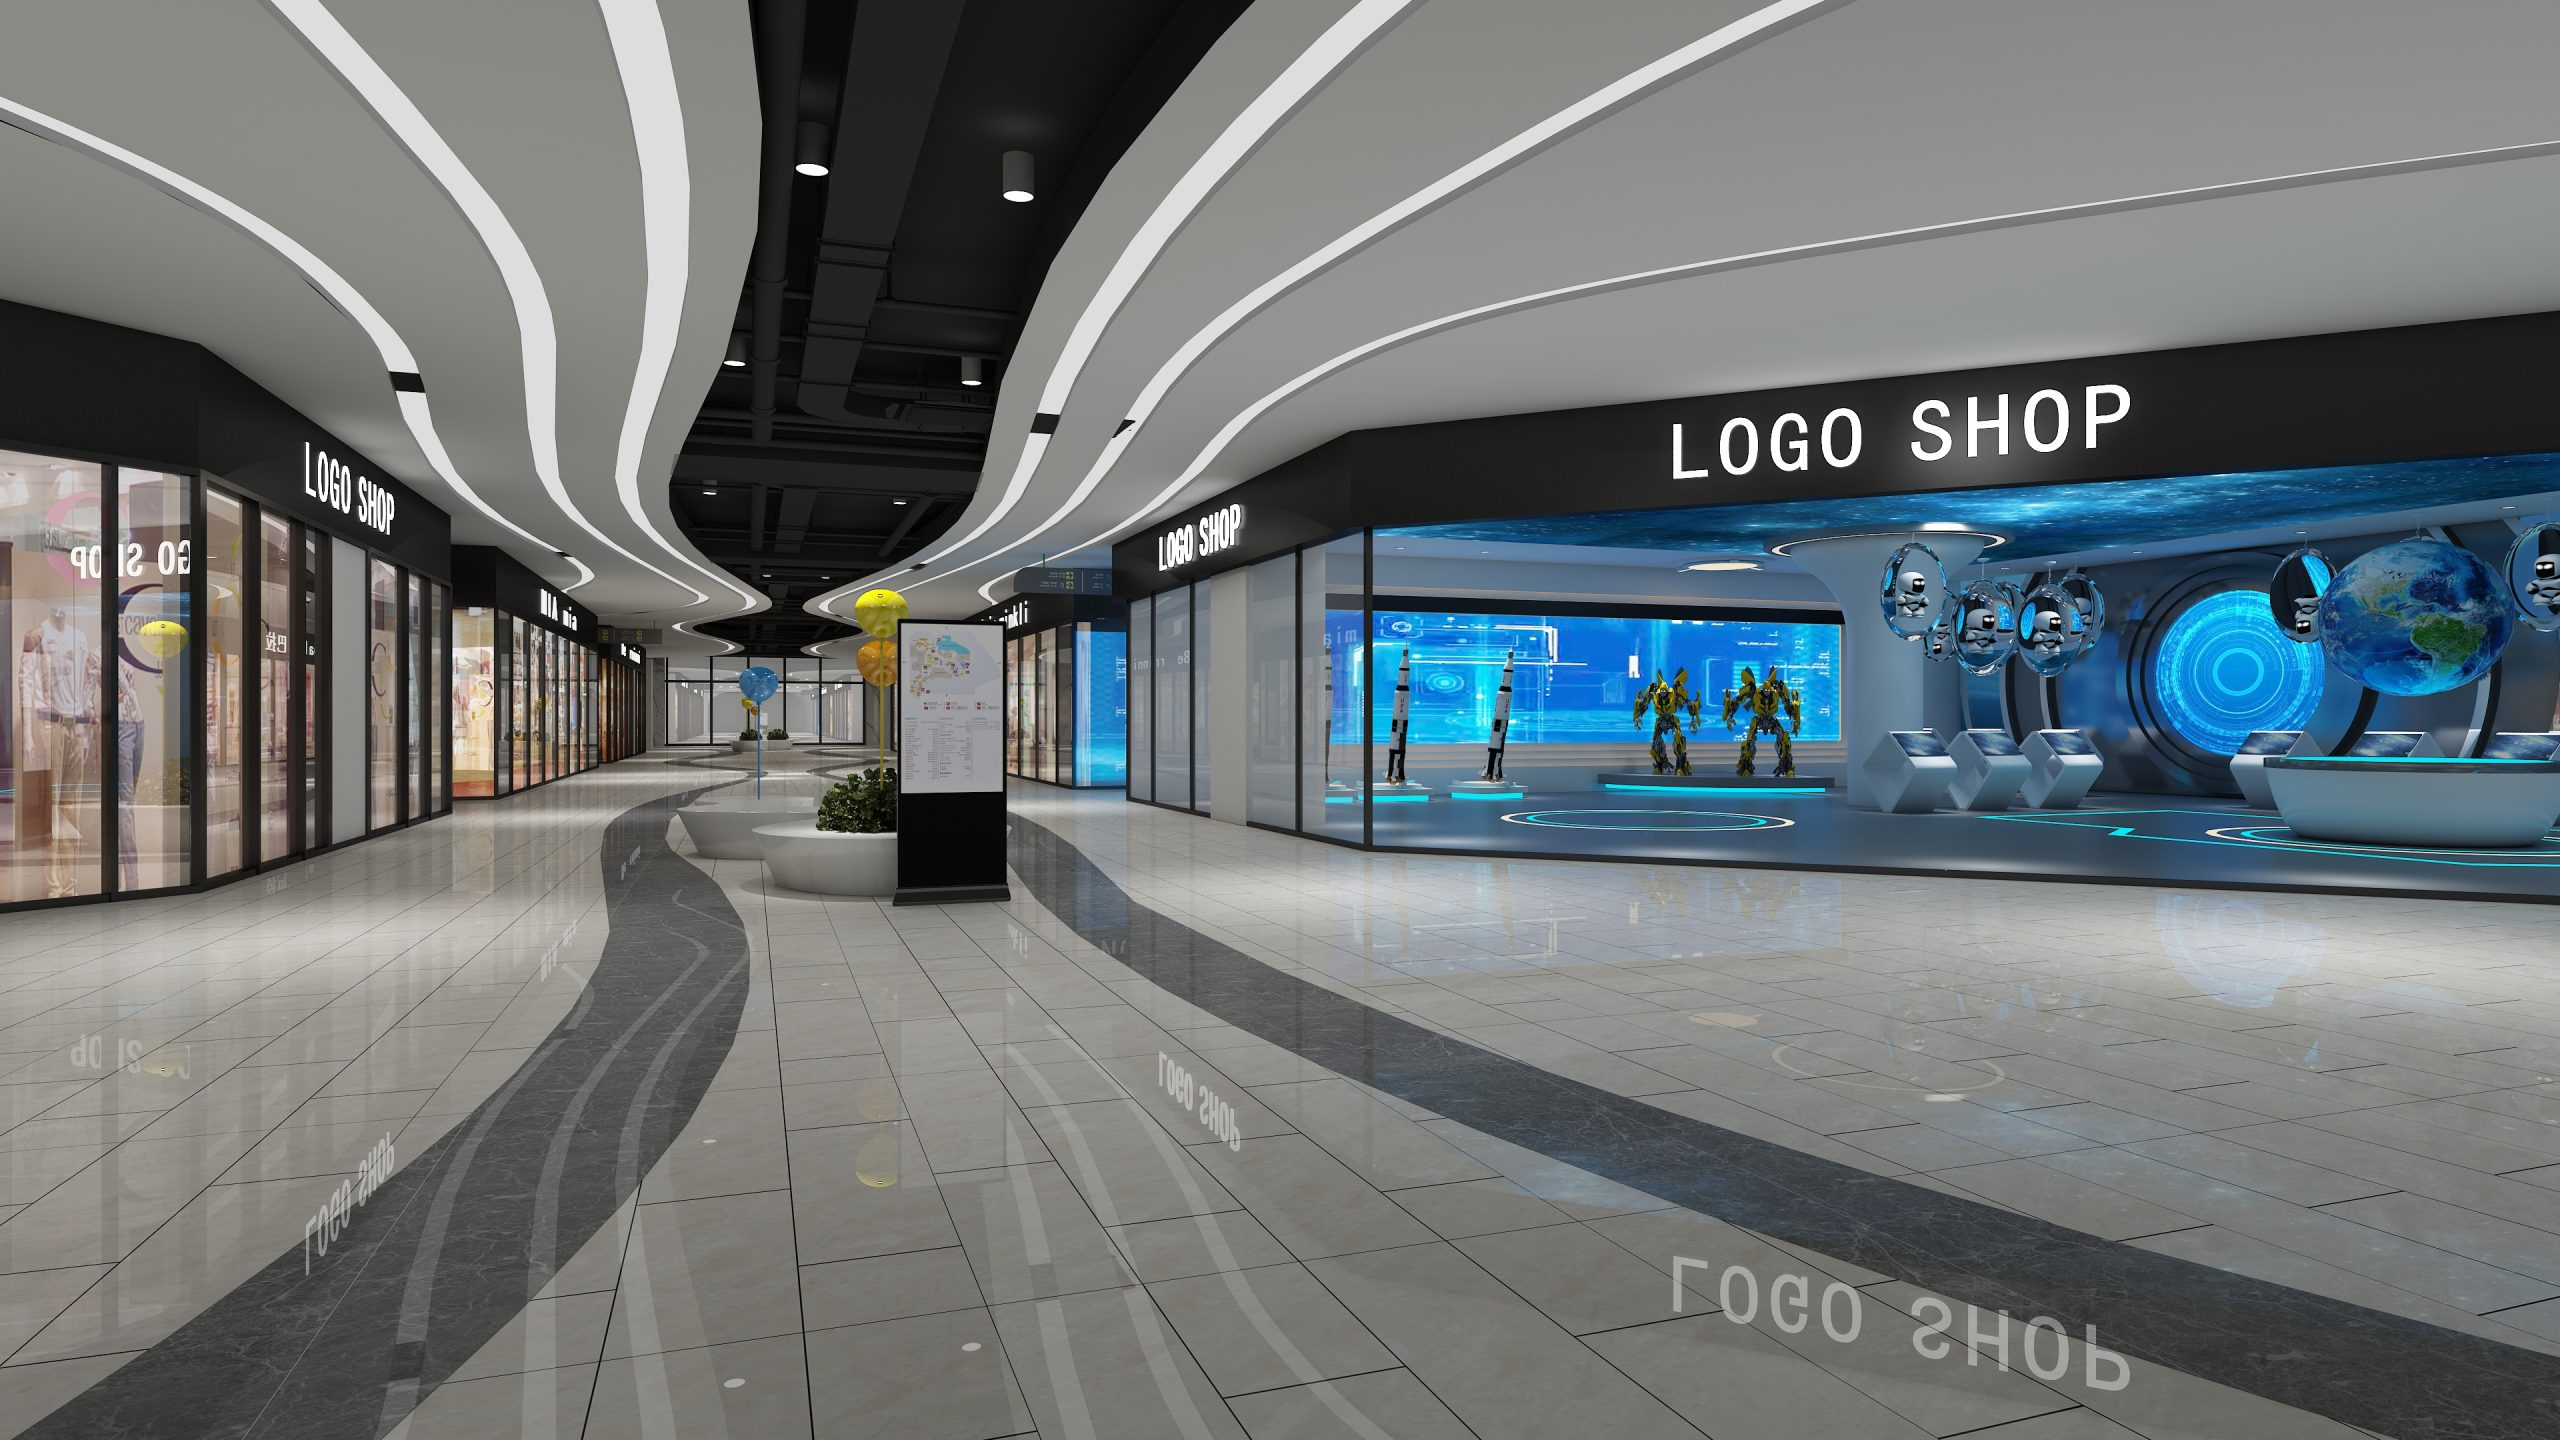 图片包含 建筑, 火车, 汽车, 平台  描述已自动生成